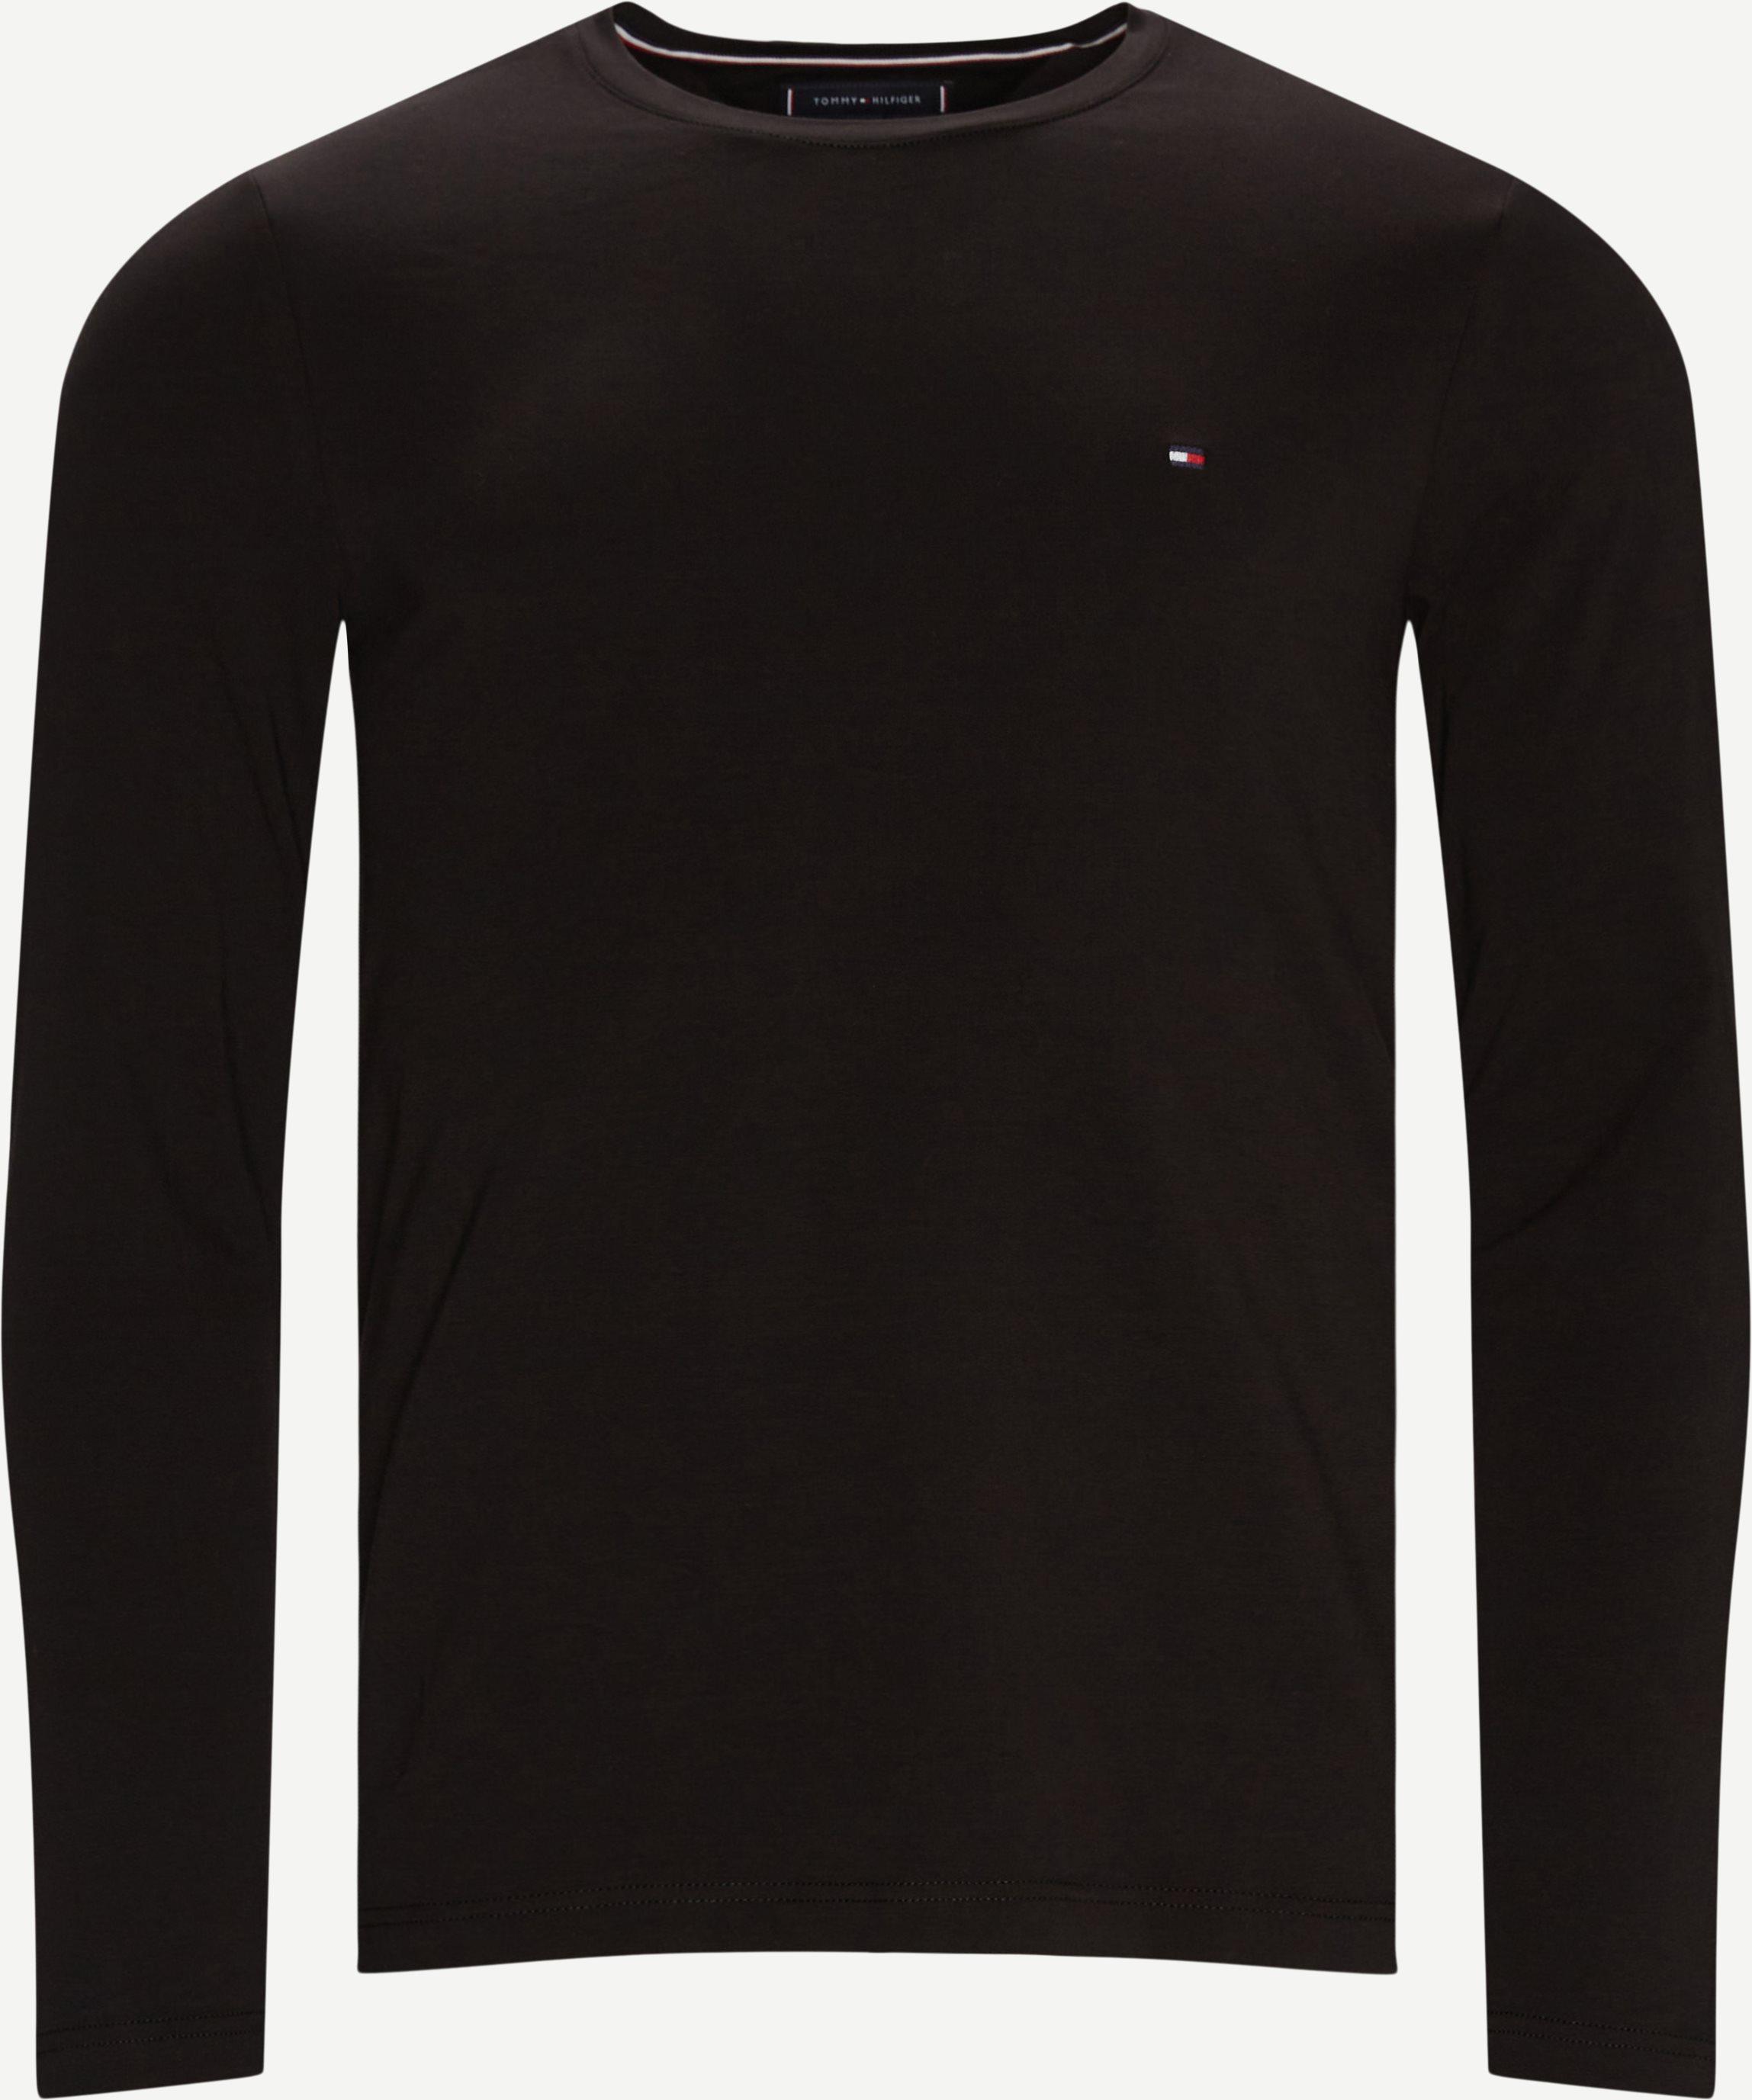 T-shirts - Slim fit - Black